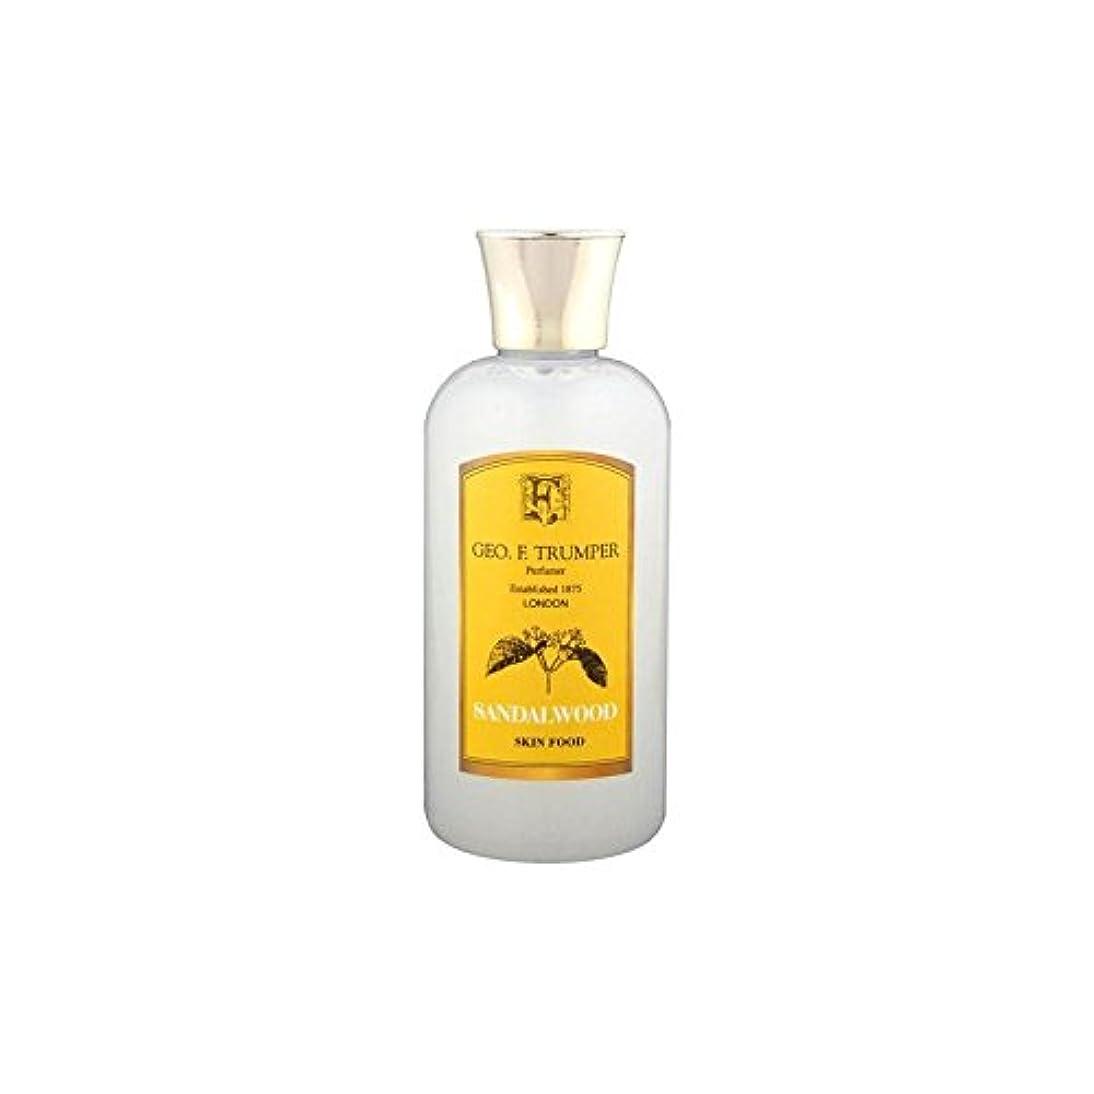 修羅場灌漑匿名サンダルウッドスキンフード - 100ミリリットル旅 x2 - Trumpers Sandalwood Skin Food - 100ml Travel (Pack of 2) [並行輸入品]